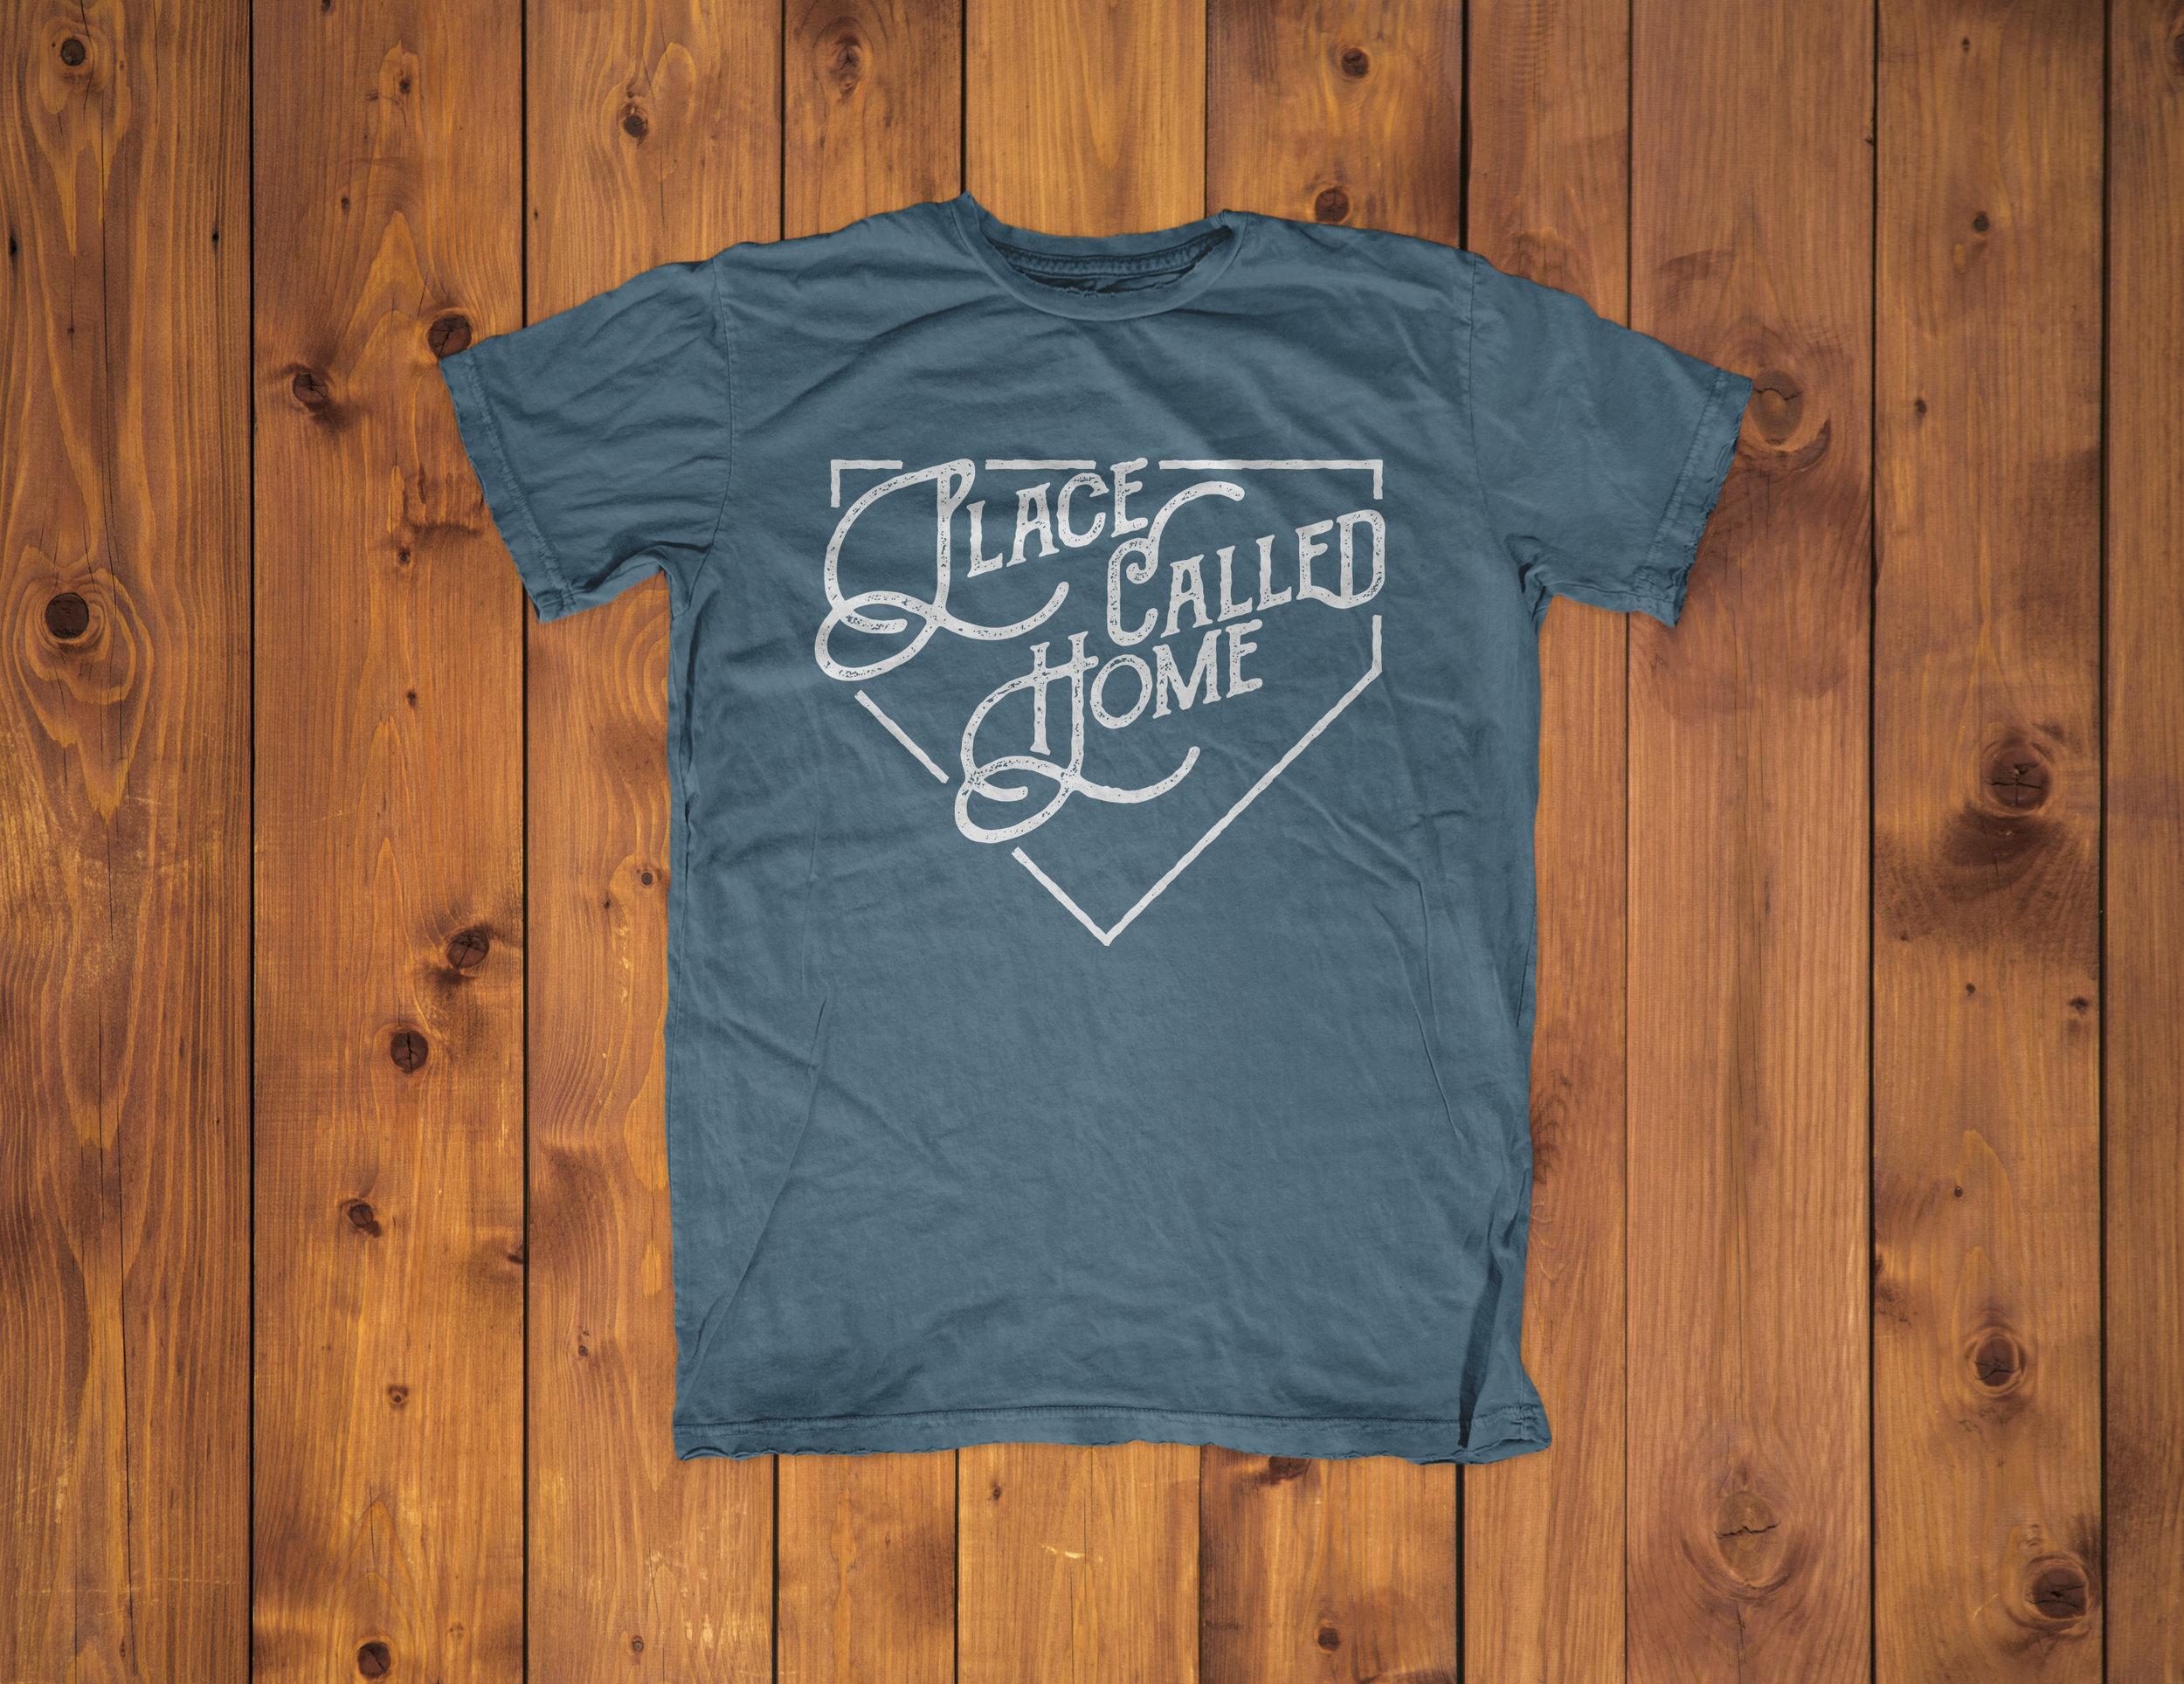 Blue Band T-Shirt, Home, Custom T-shirt  Idaho Utah Graphic Design   www.facelesscreativeco.com